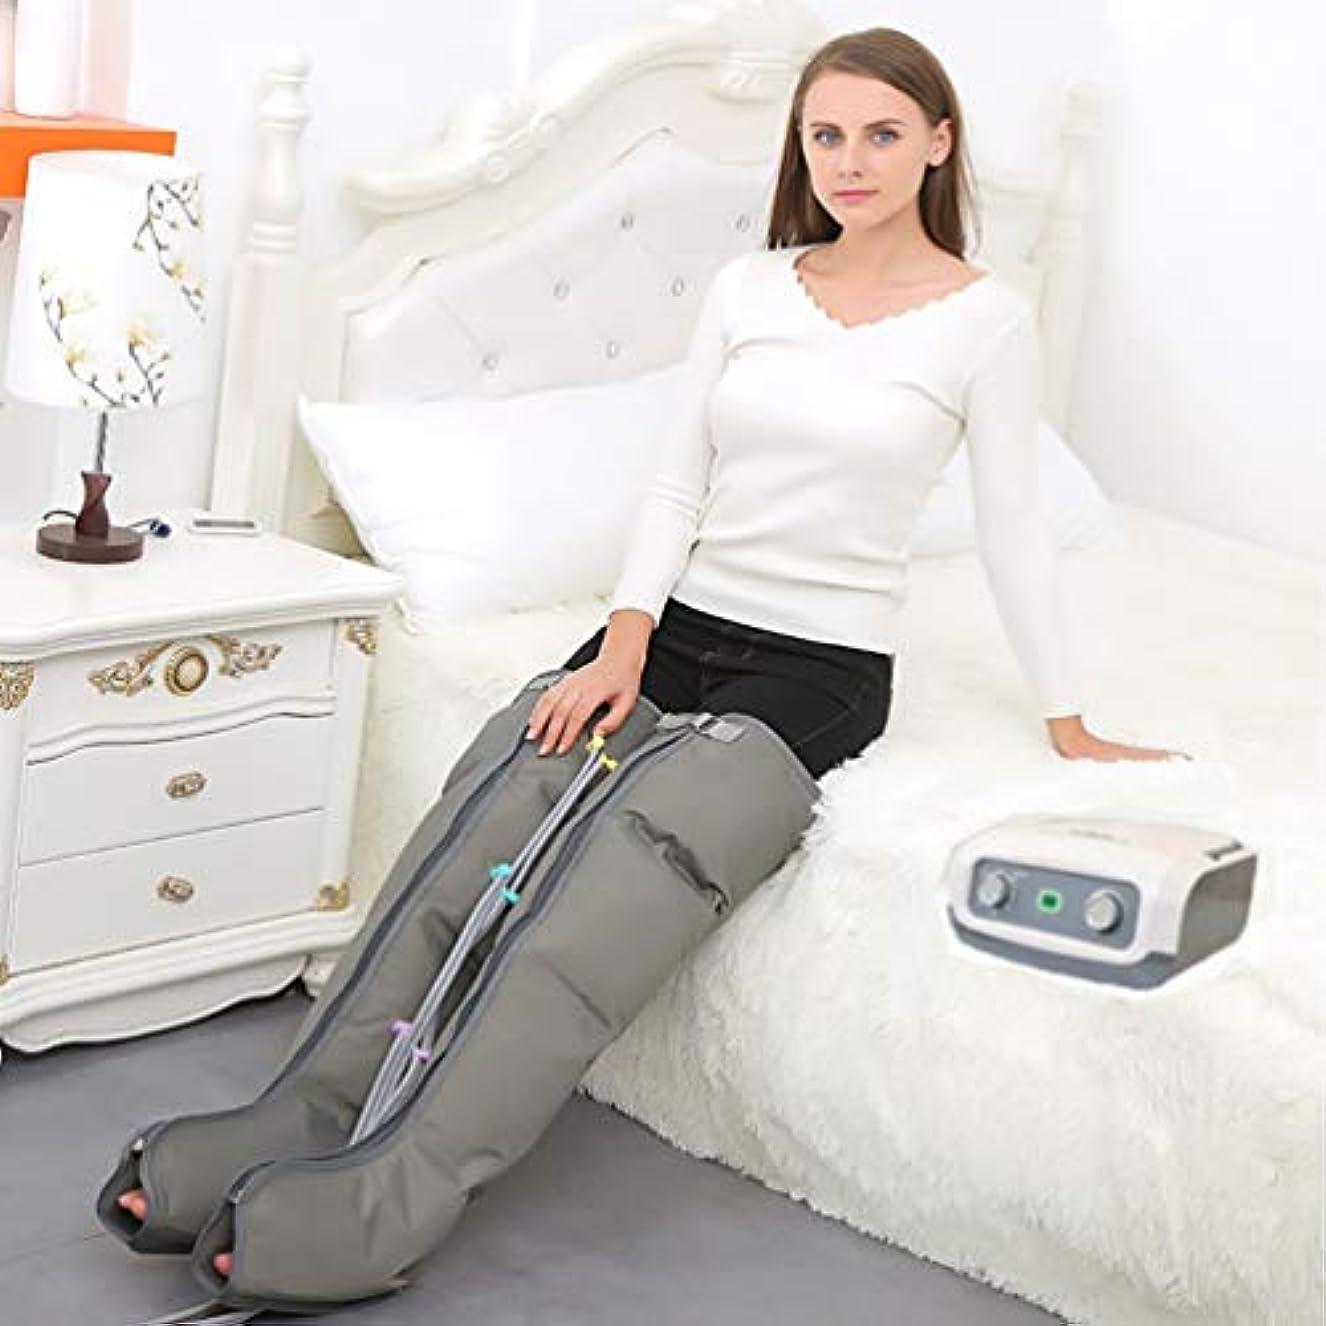 でるチャペル十分な足のふくらはぎ循環ブースターマッサージ療法4キャビティ高齢者の足のマッサージのための空気圧縮脚マッサージ機,doubleLowerlimbs